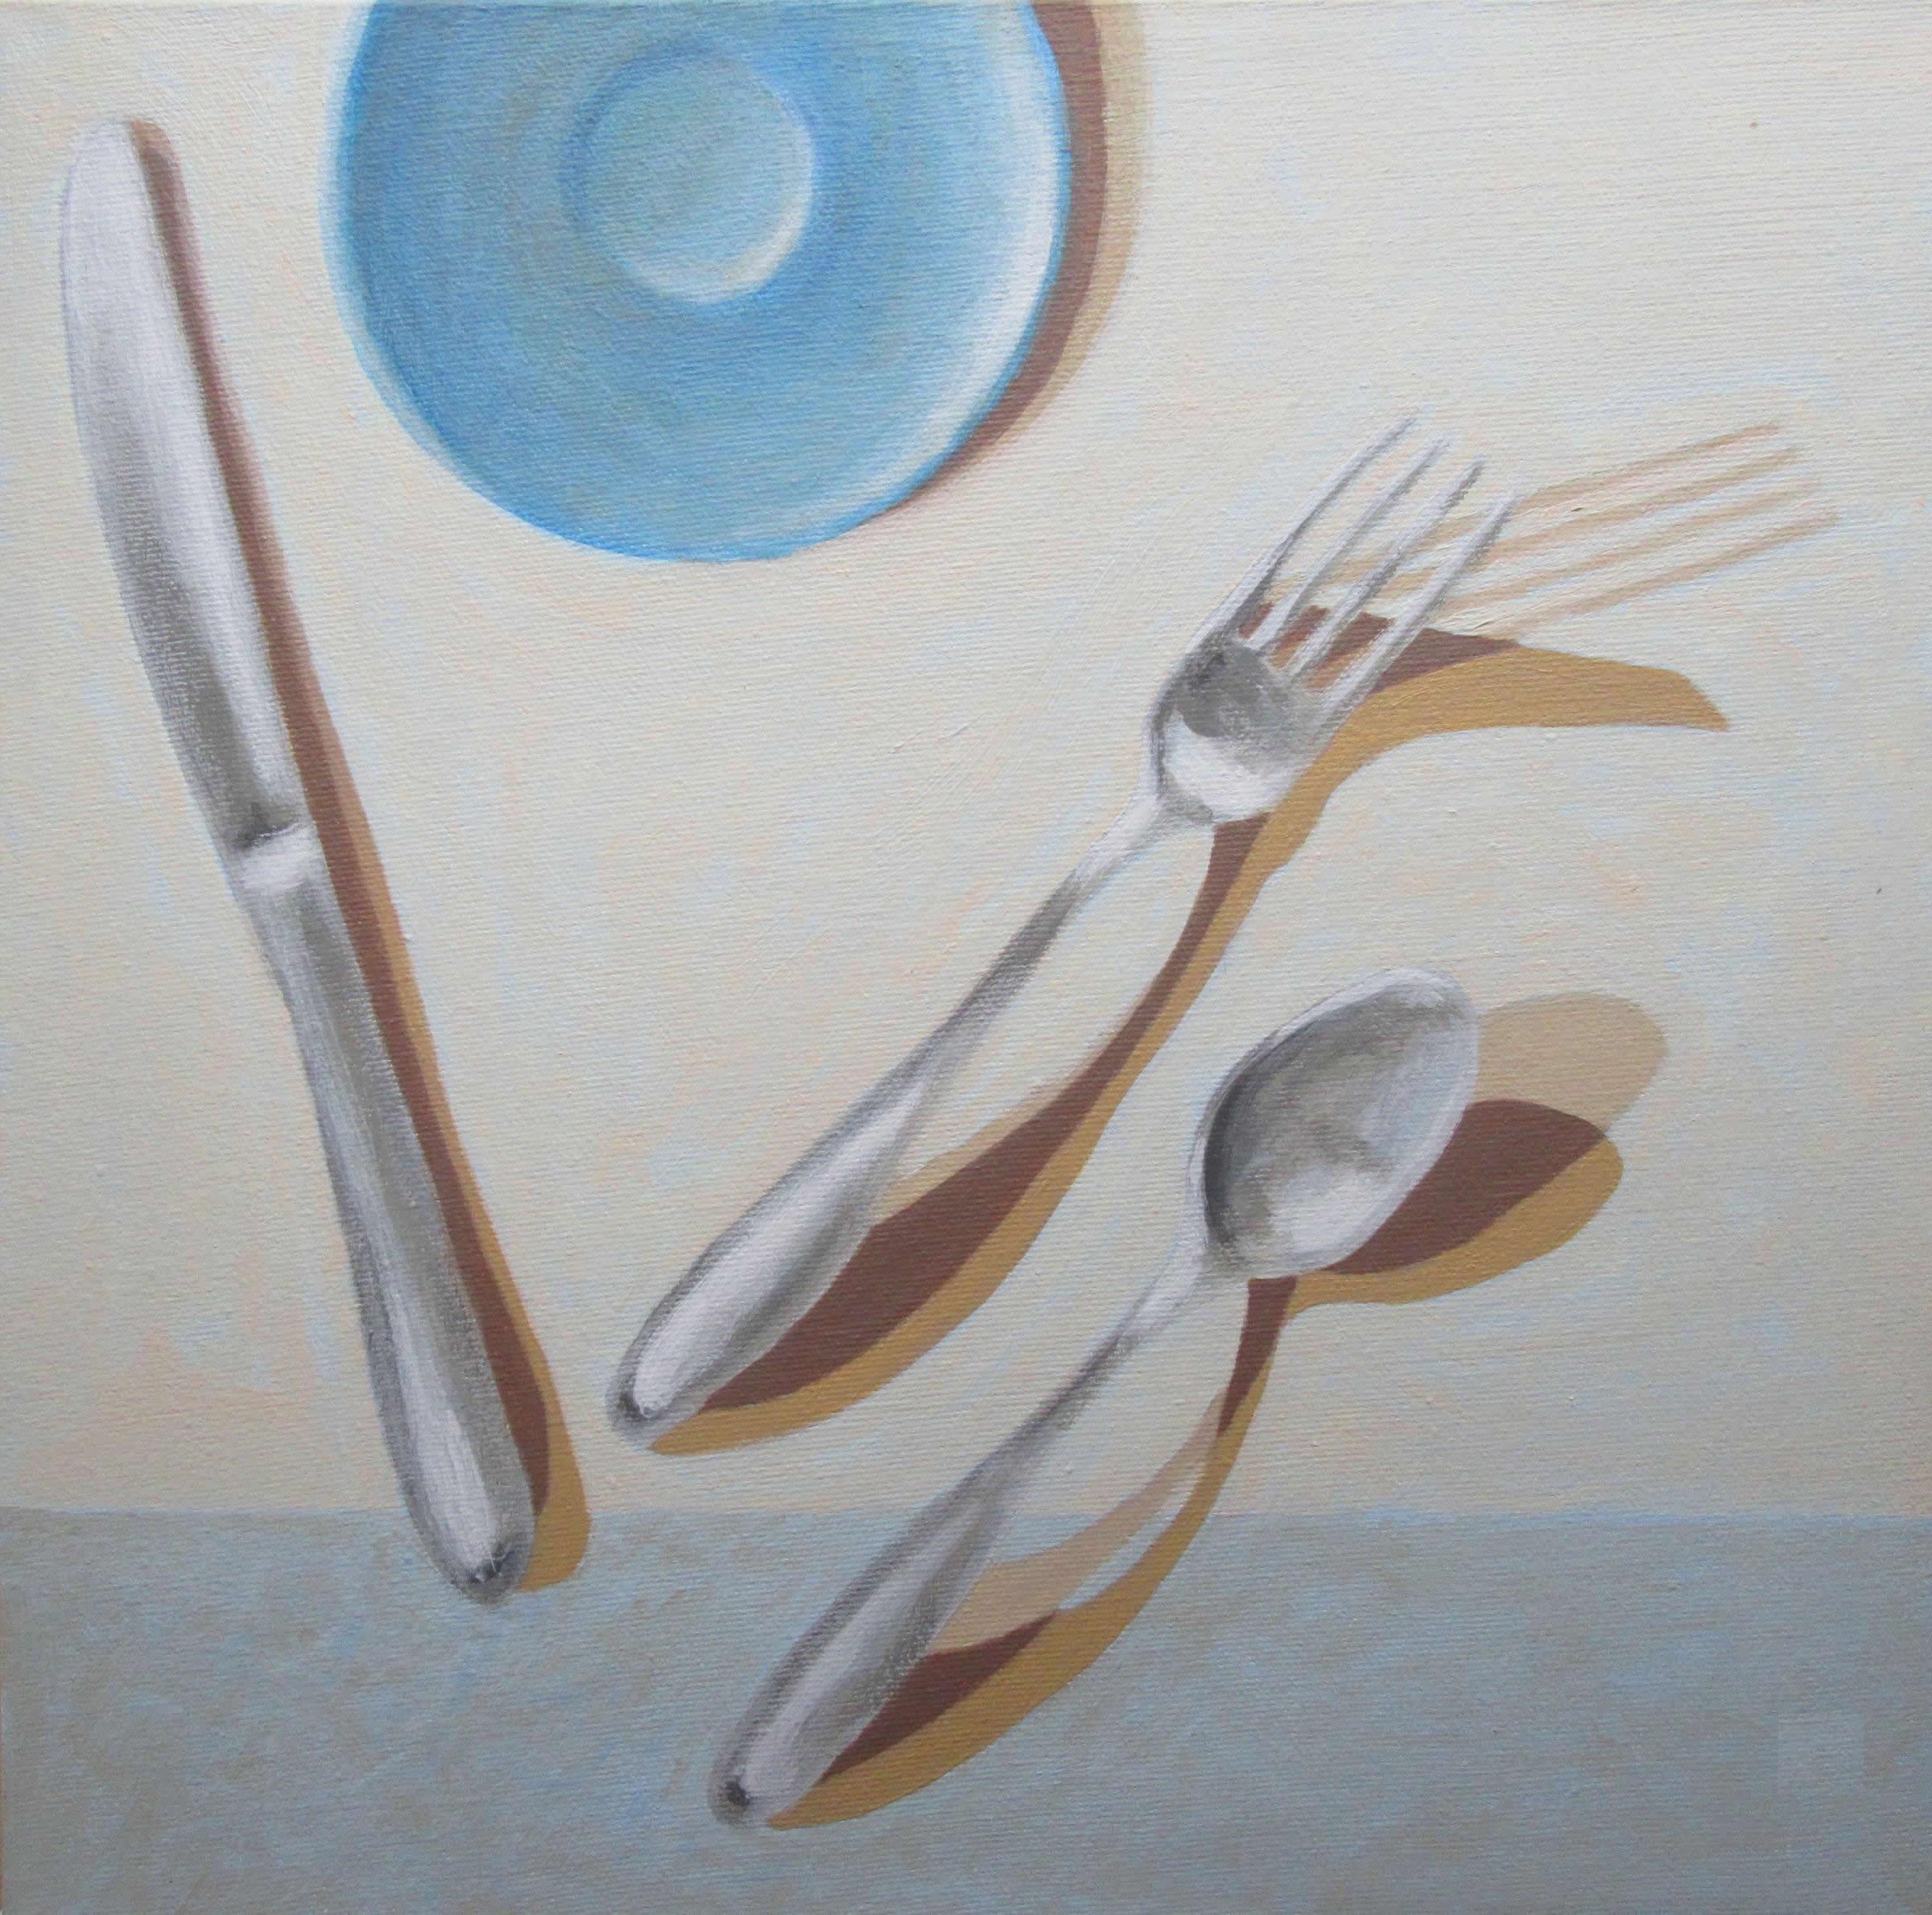 Blue Saucer w three Utensils by Adele Derkowski